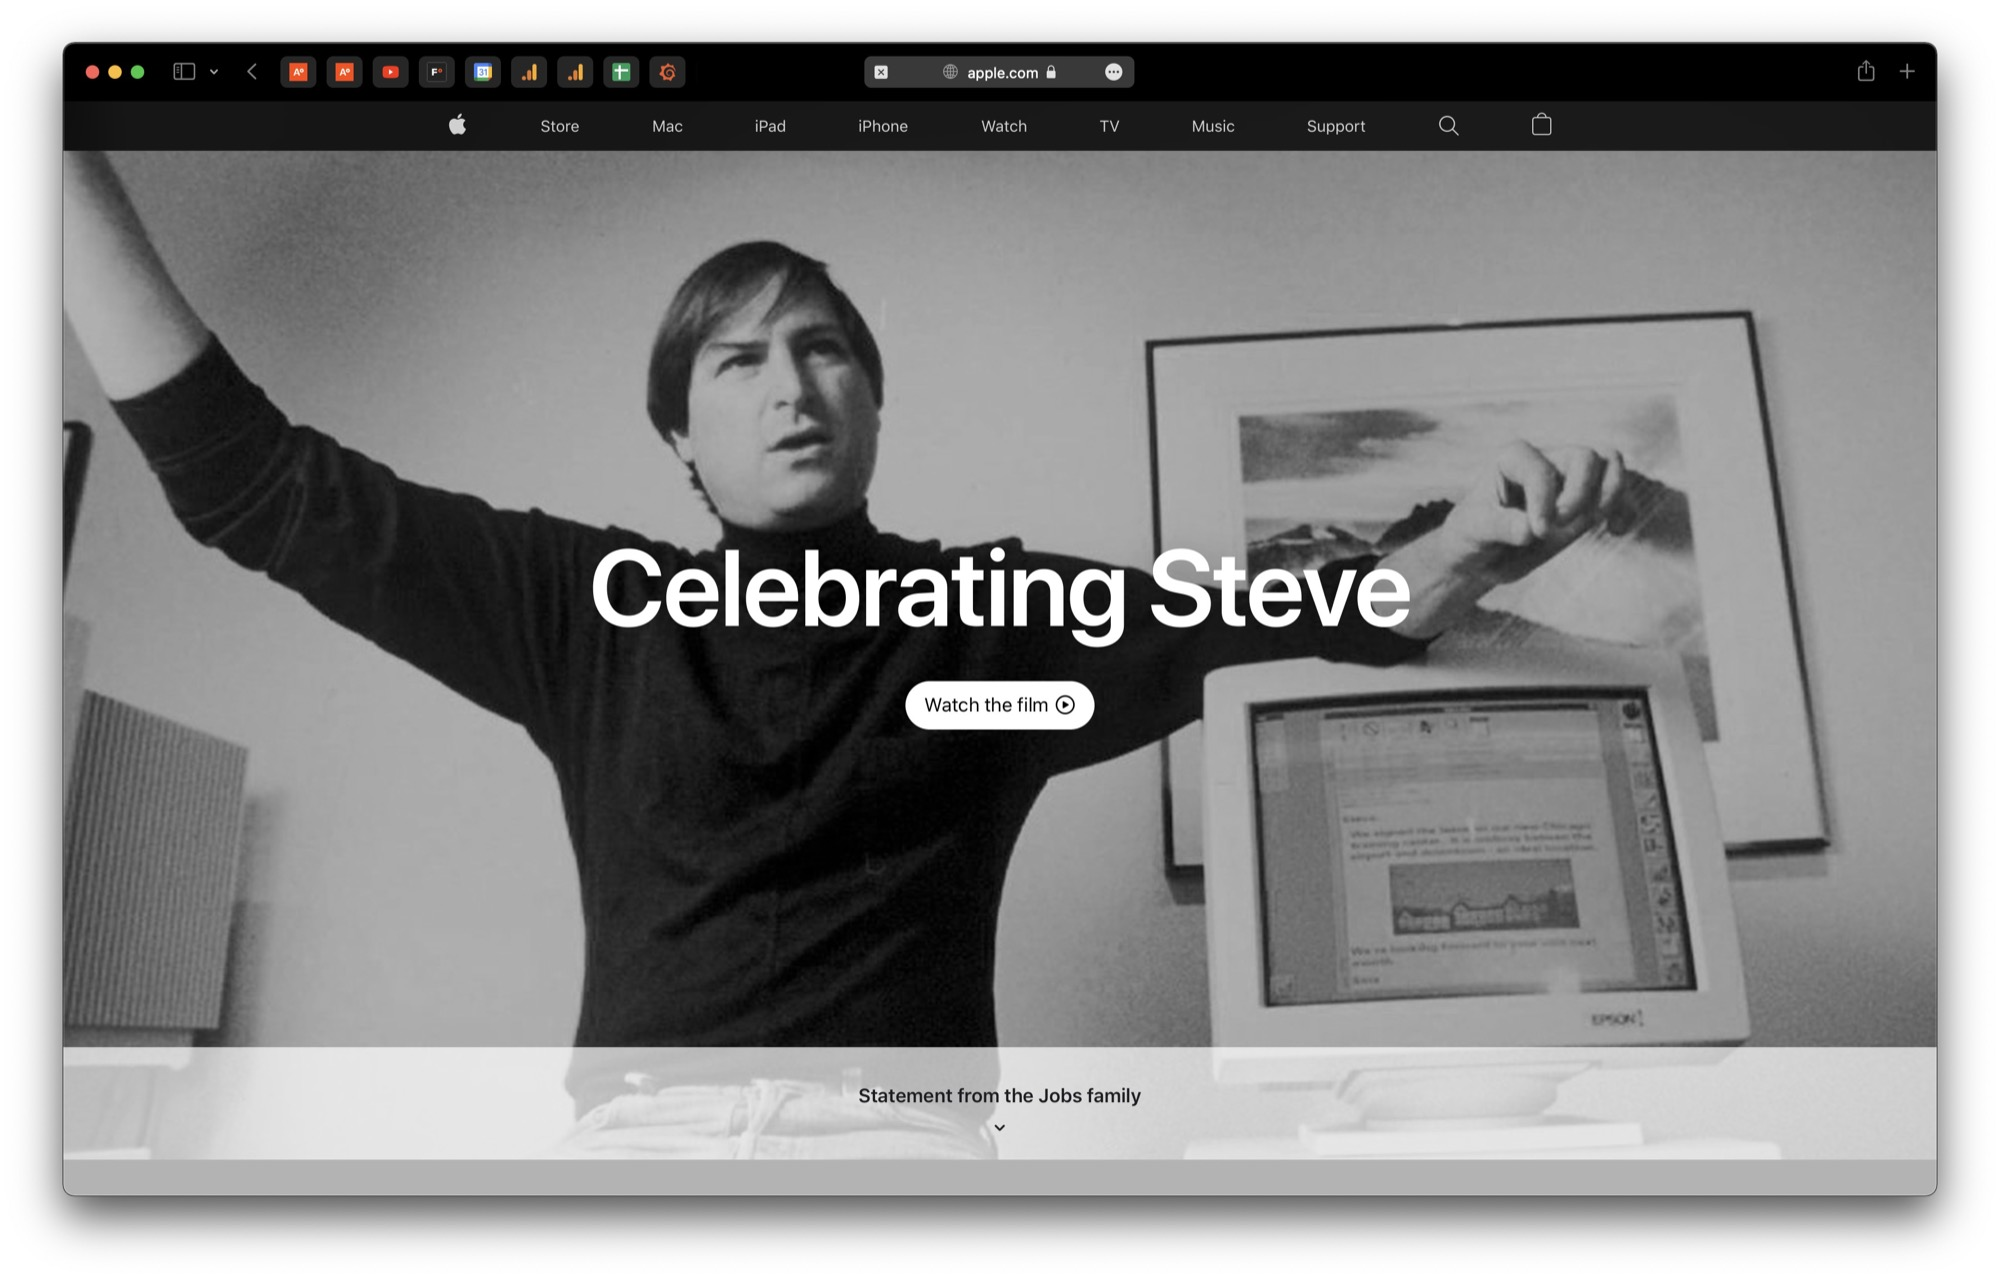 Tio år sedan Steve Jobs dog i dag Apple har klarat sig rätt bra...